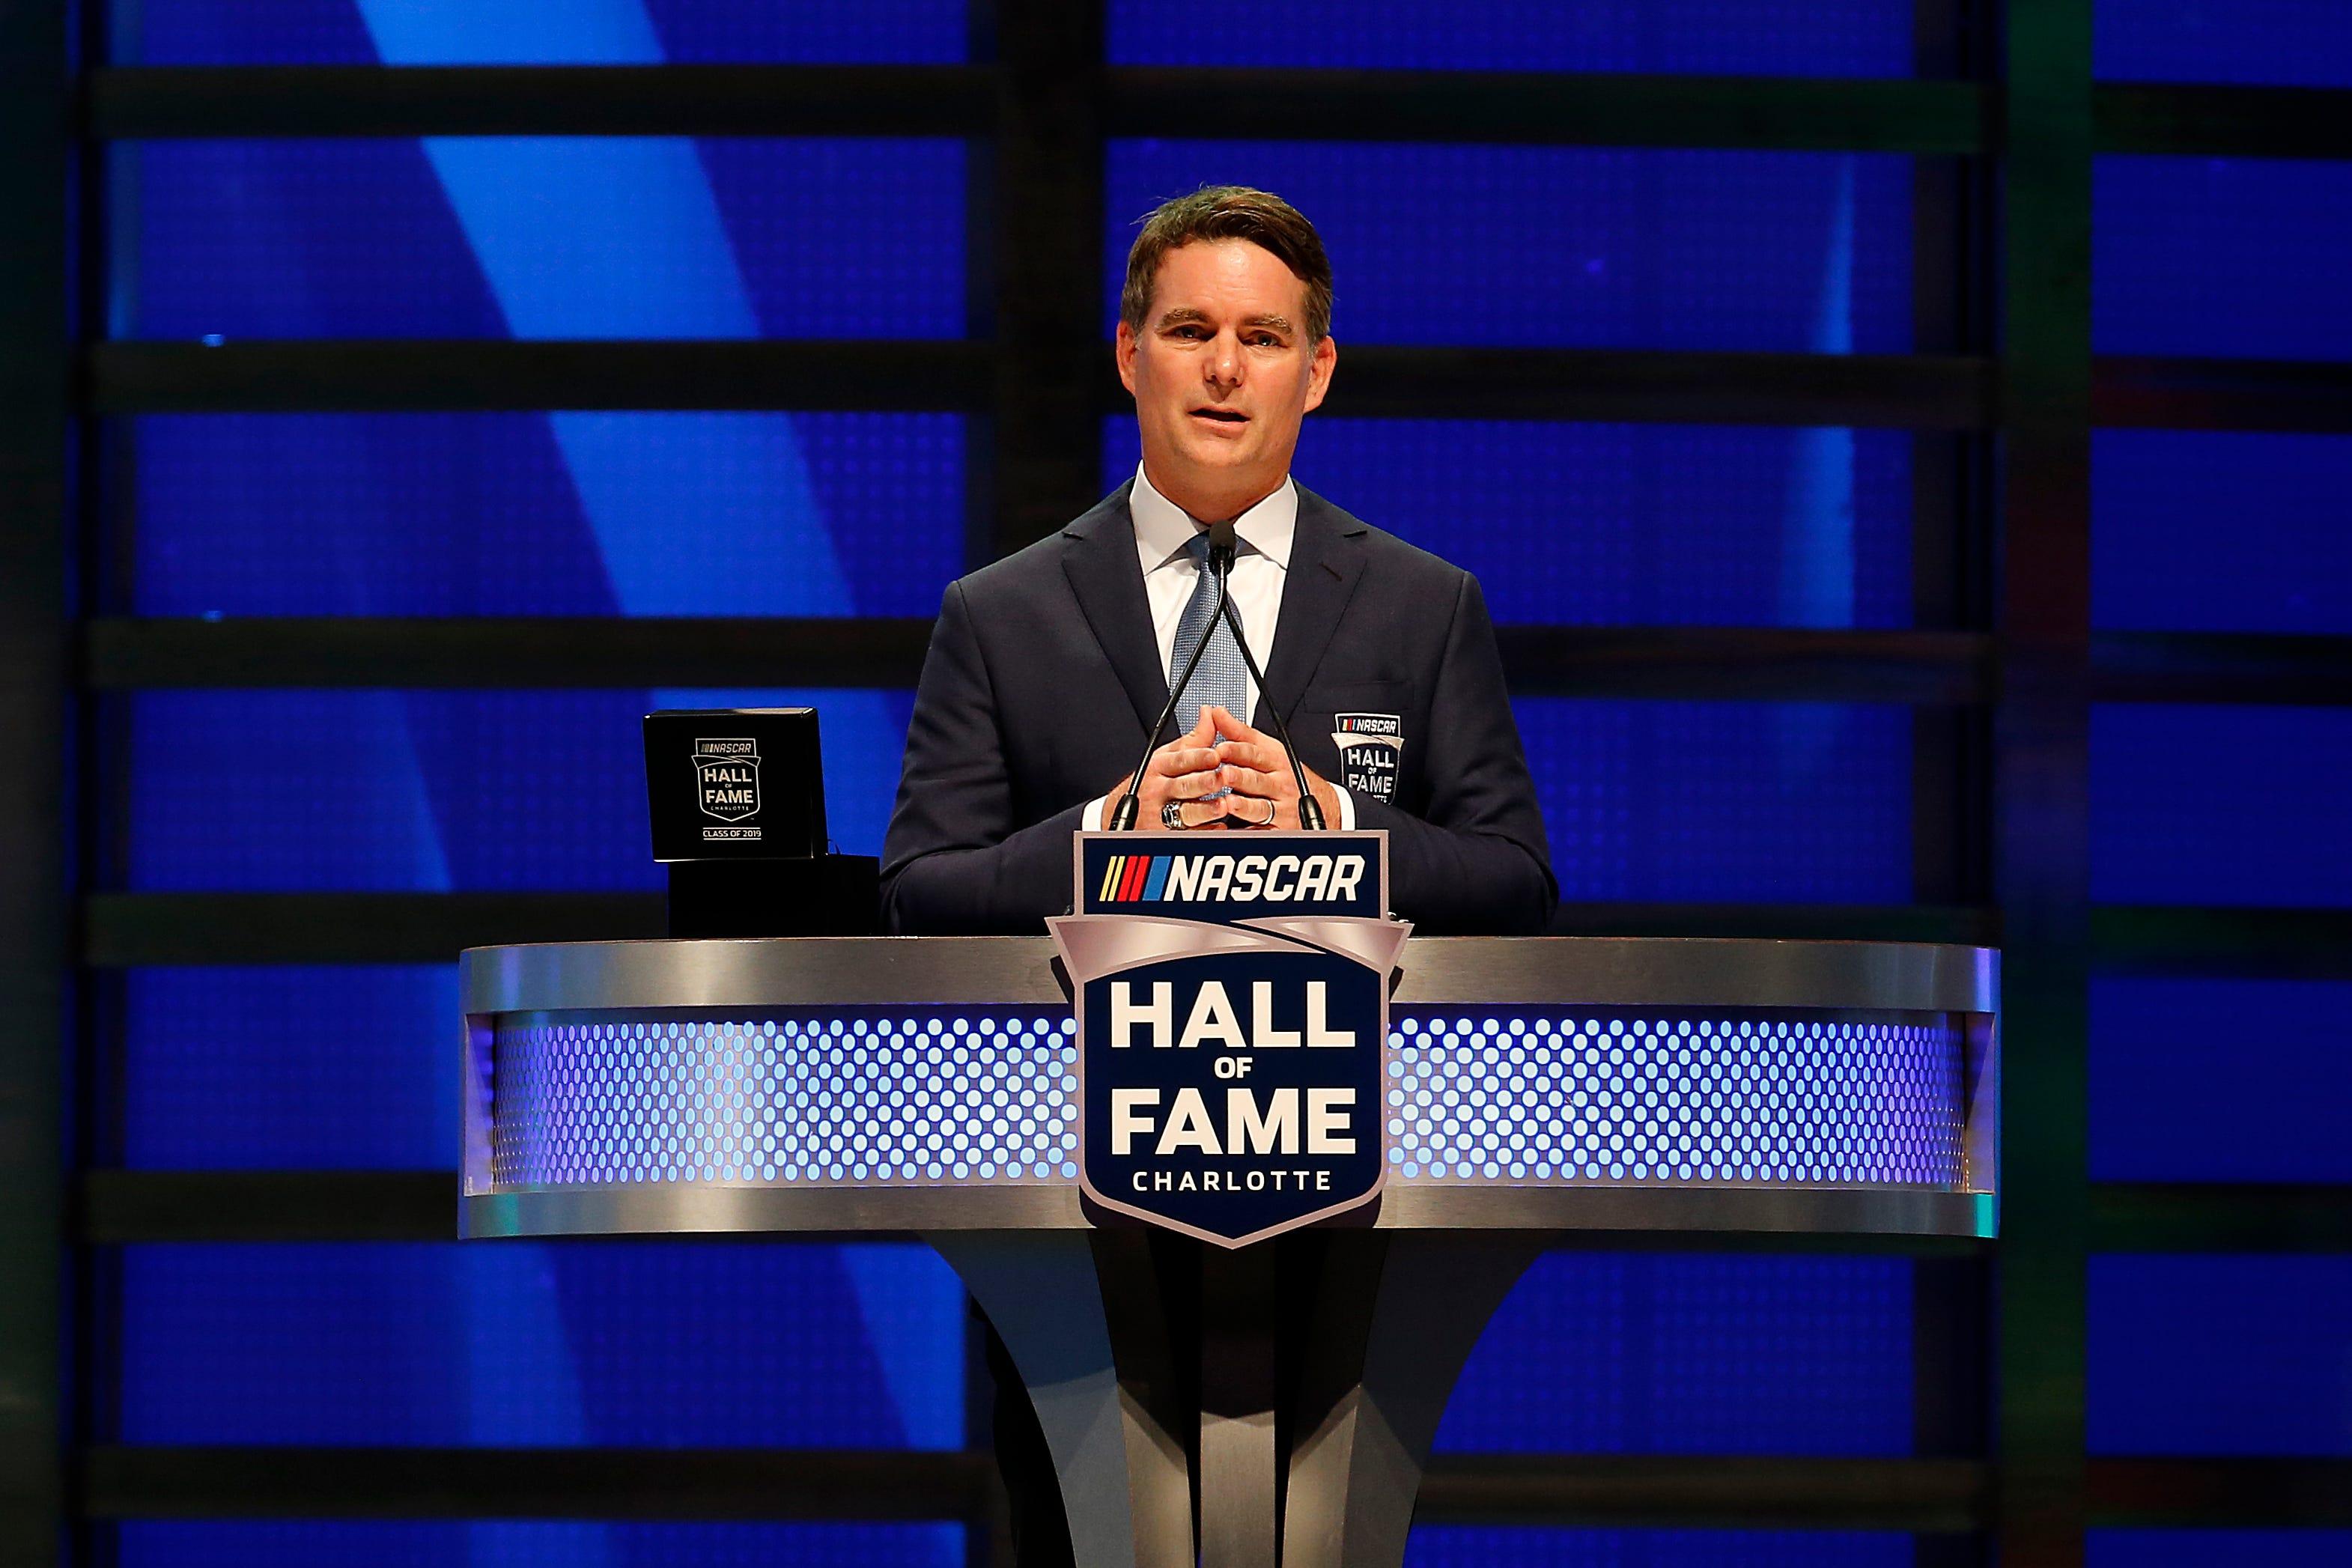 Jeff Gordon, Roger Penske, Jack Roush enshrined in NASCAR Hall of Fame